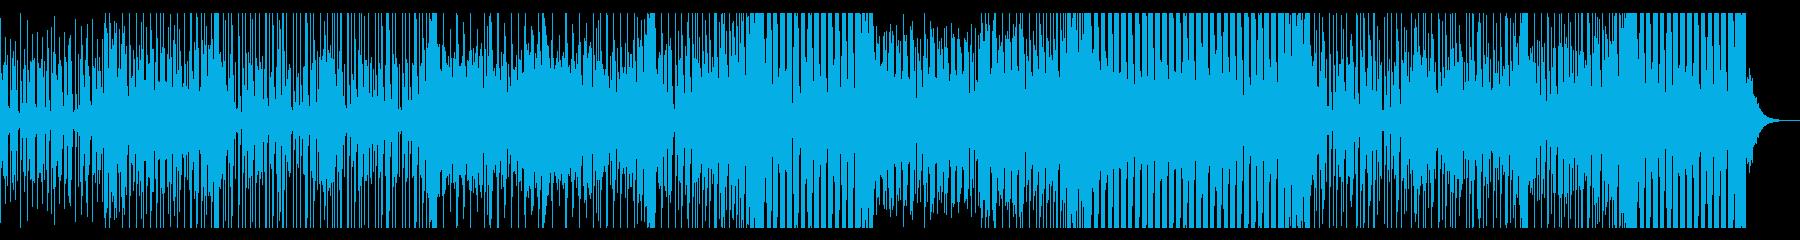 隠していた感情が一気に爆発する様なEDMの再生済みの波形